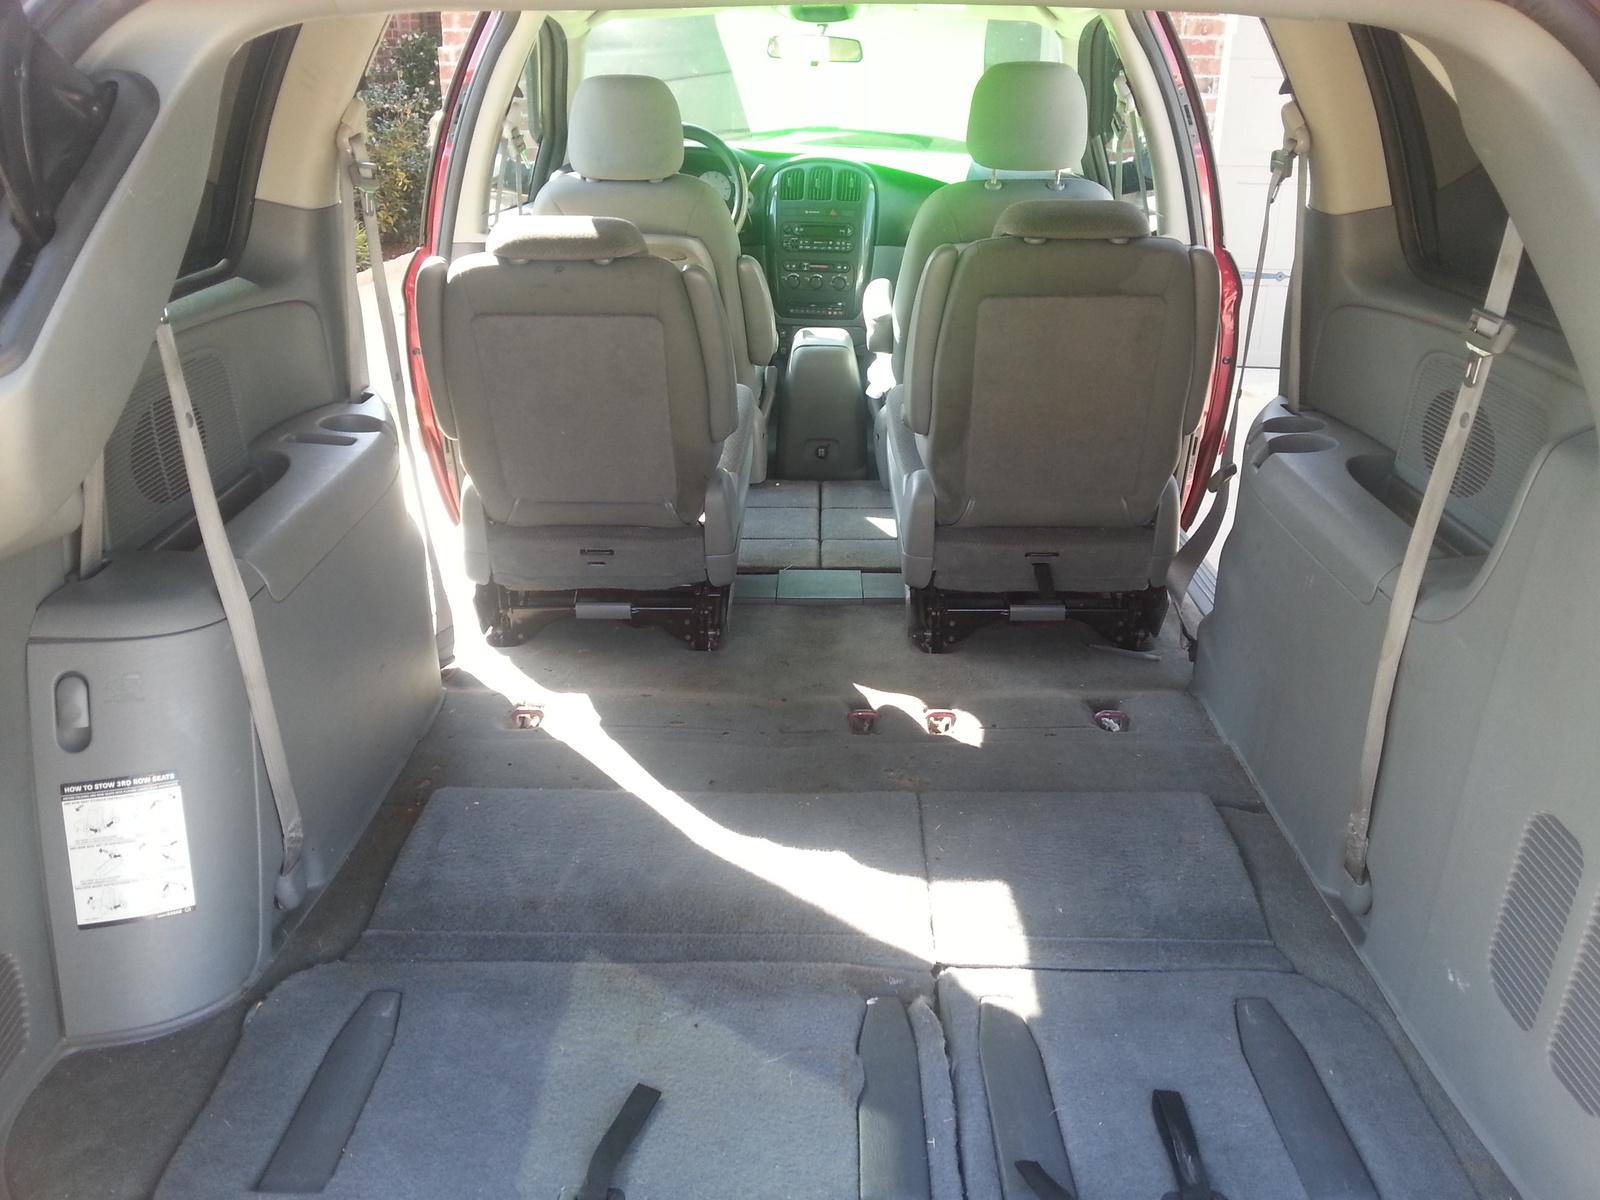 2006 Dodge Grand Caravan - Interior Pictures - CarGurus